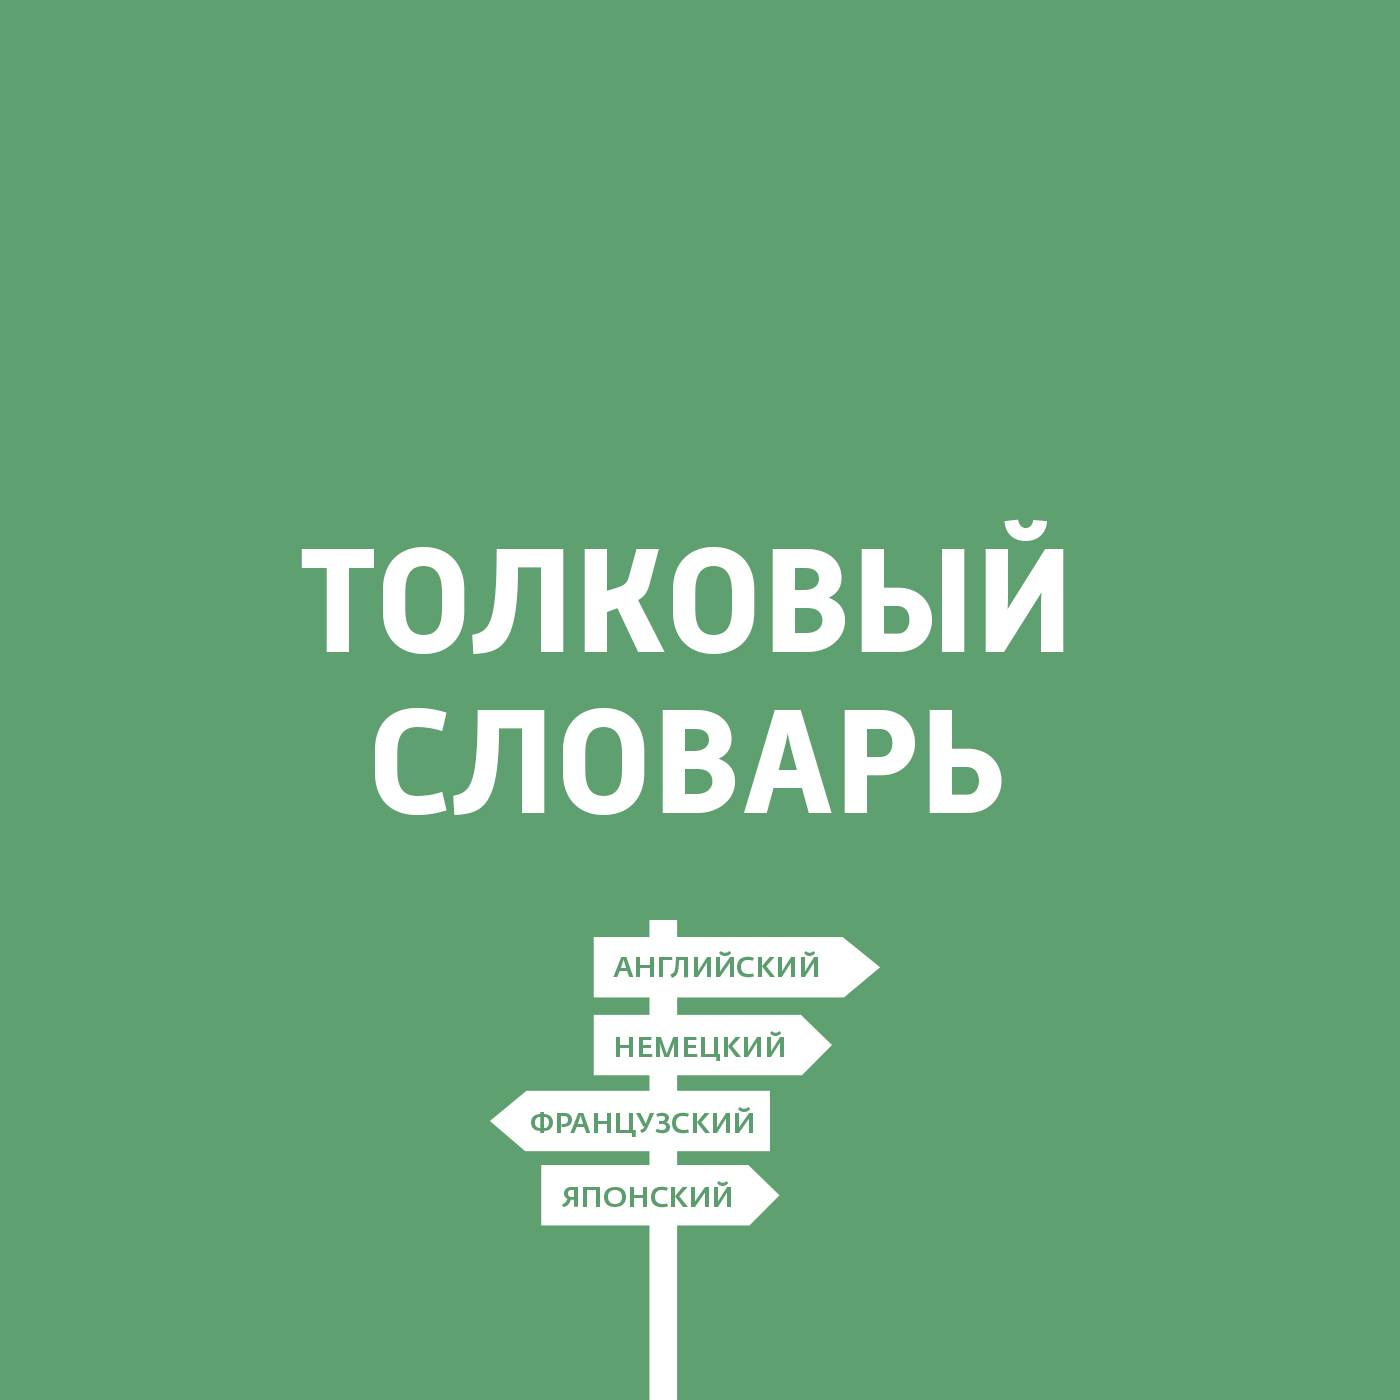 Дмитрий Петров Приём ведёт: полиглот Дмитрий Петров дмитрий петров путешествие в индию